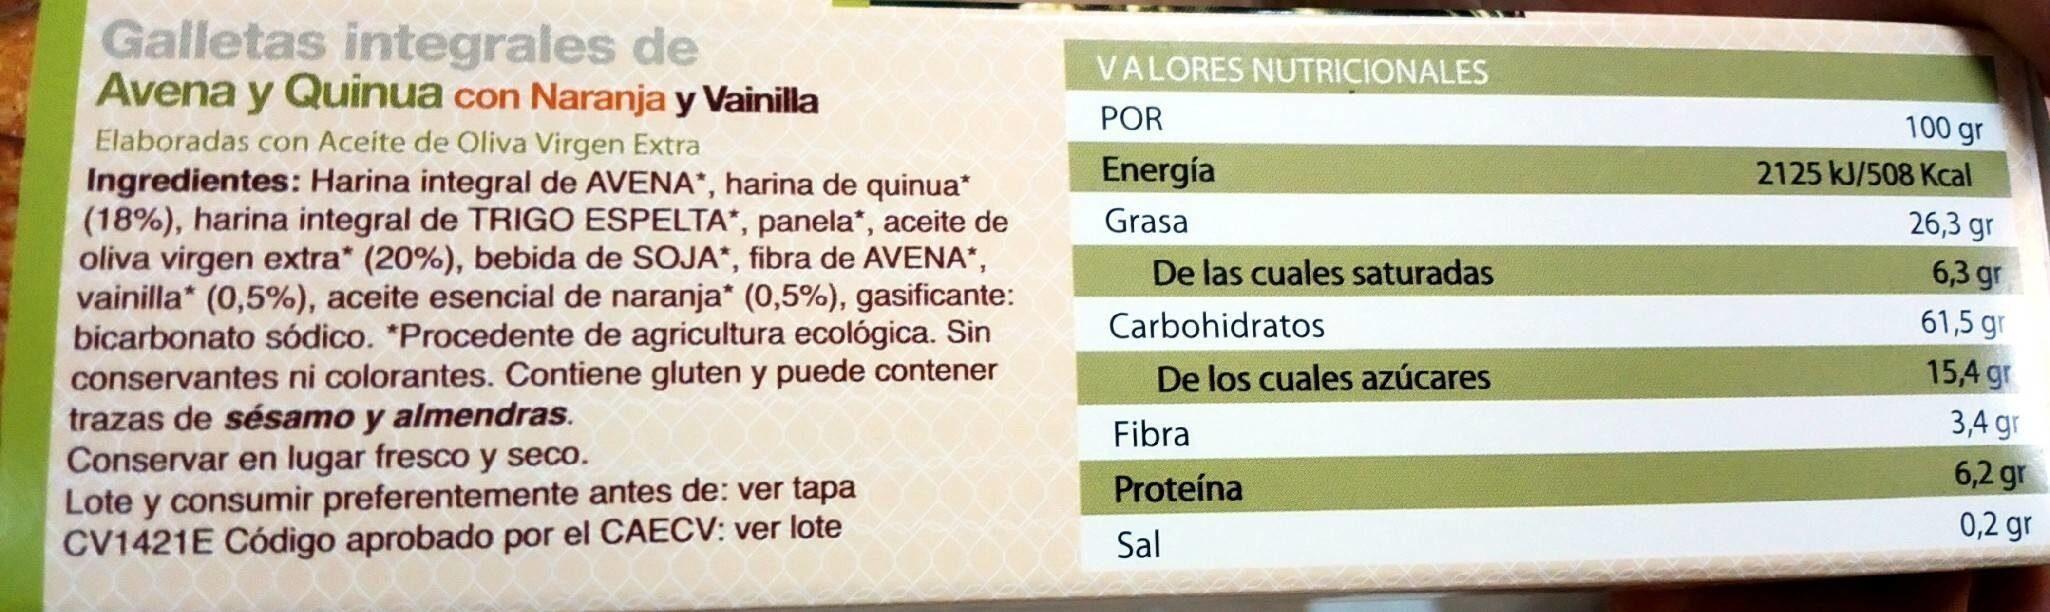 Galletas integrales de avena y quinua con naranja y vainilla - Nutrition facts - es